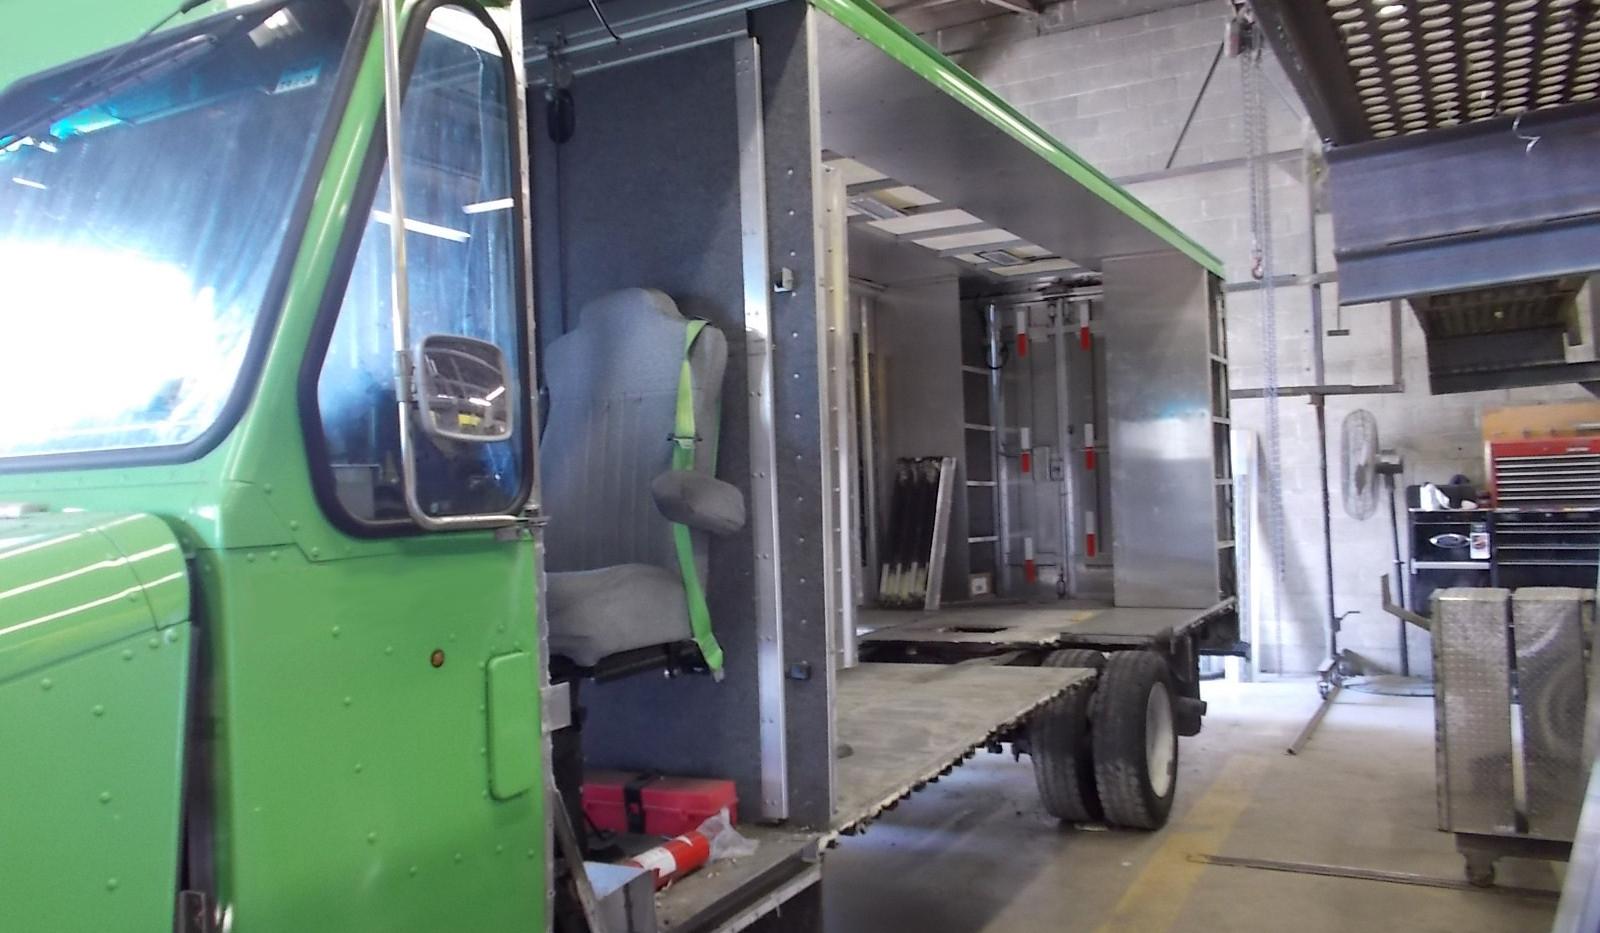 Green StepVan Side Repairs.jpg